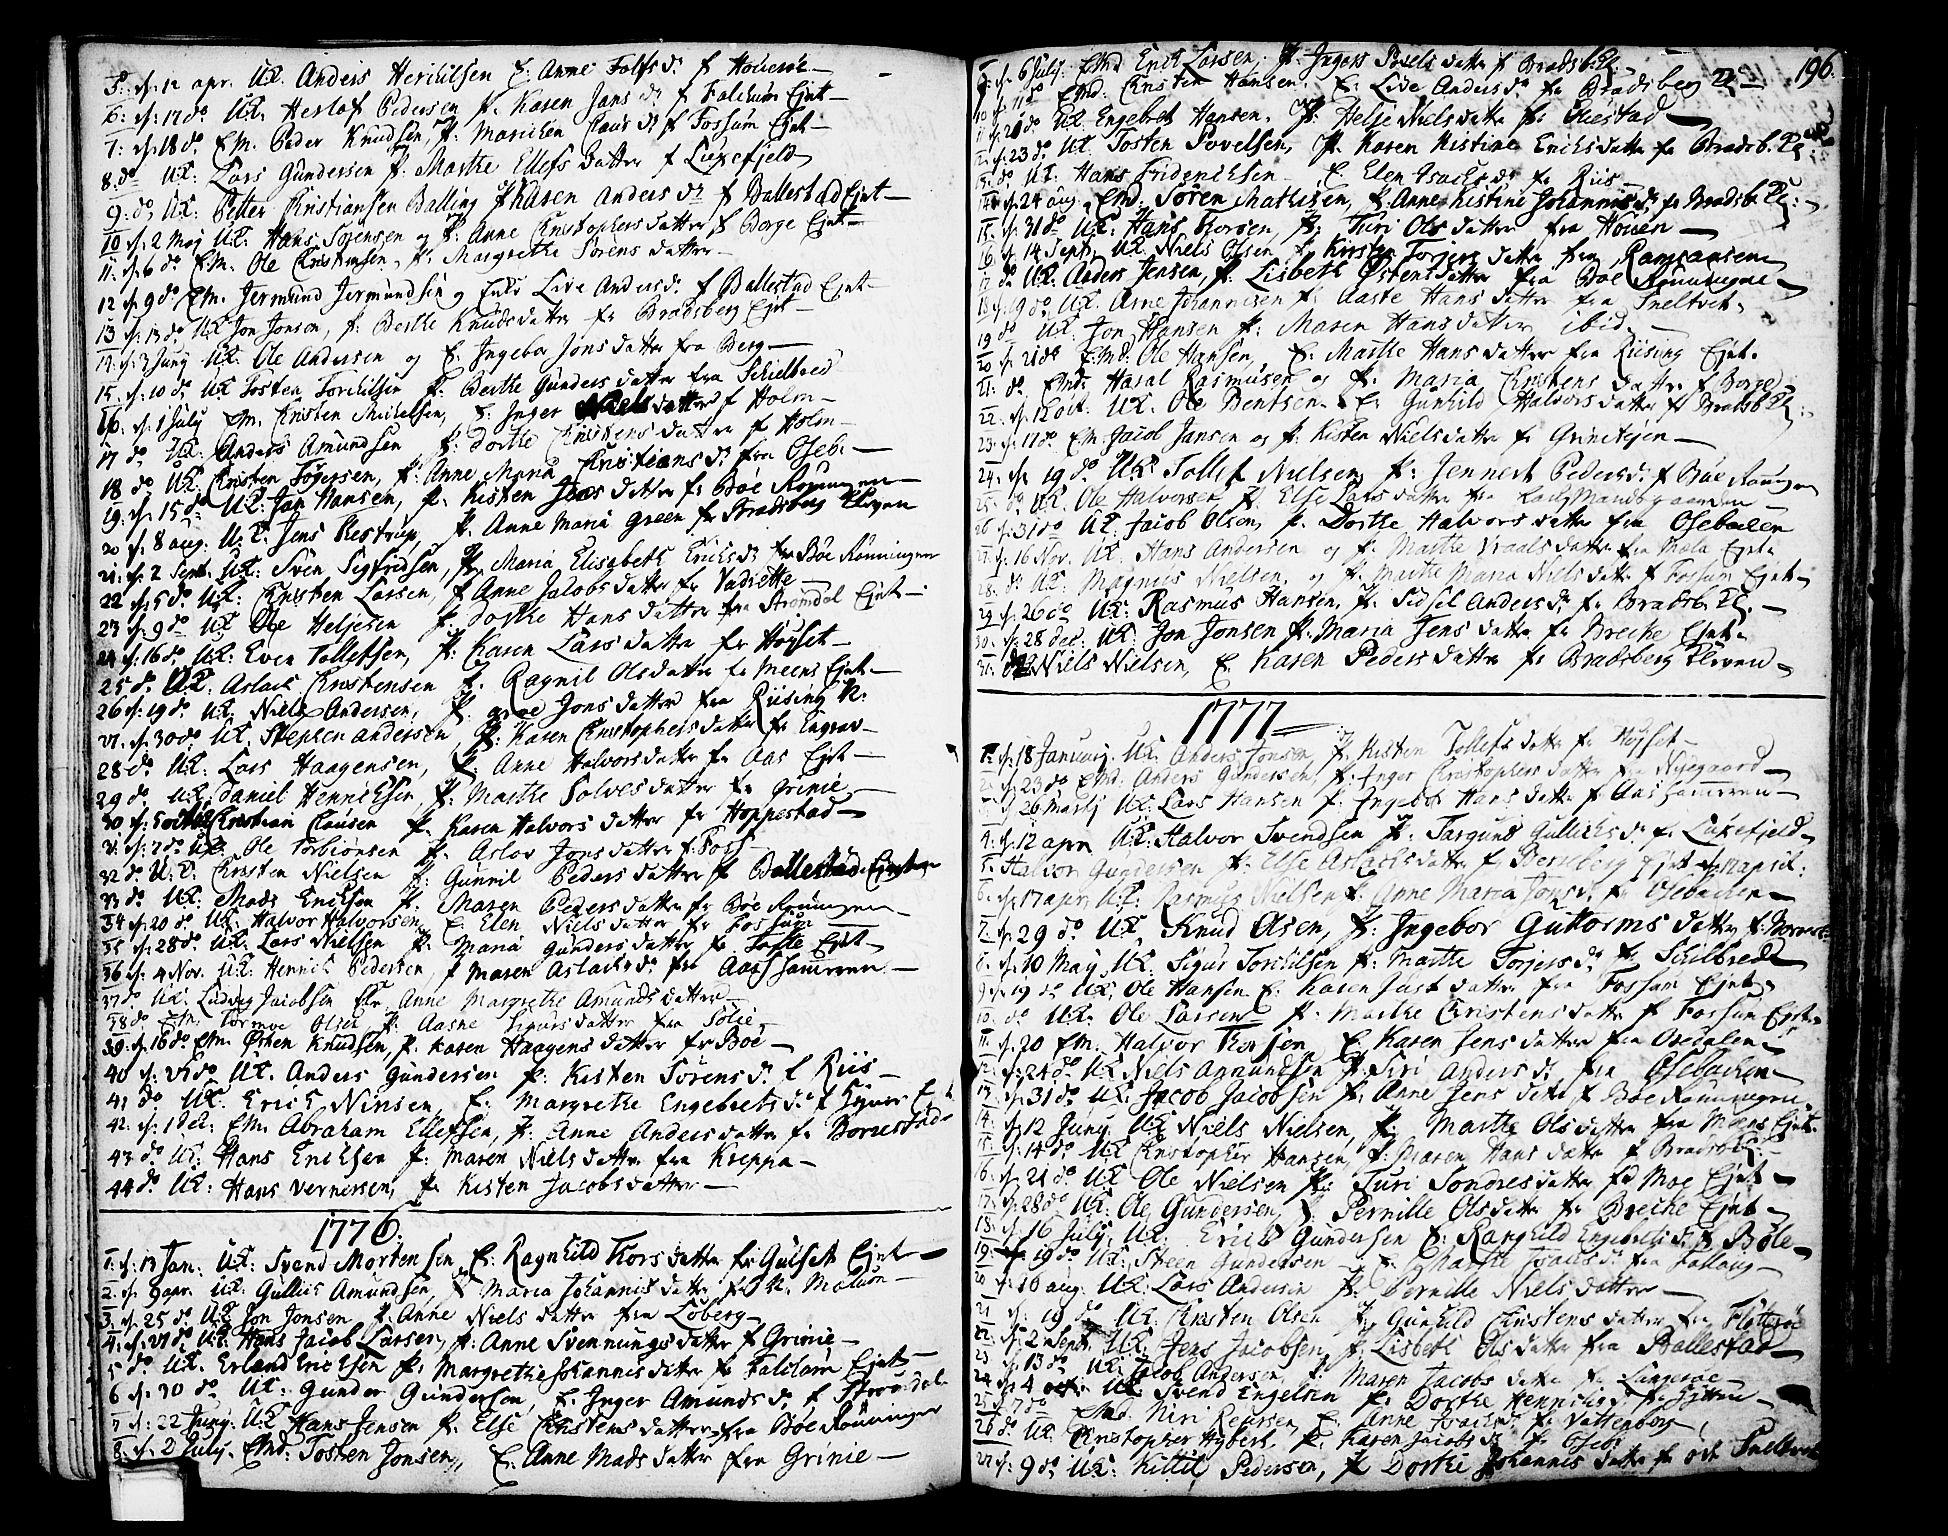 SAKO, Gjerpen kirkebøker, F/Fa/L0002: Ministerialbok nr. 2, 1747-1795, s. 196